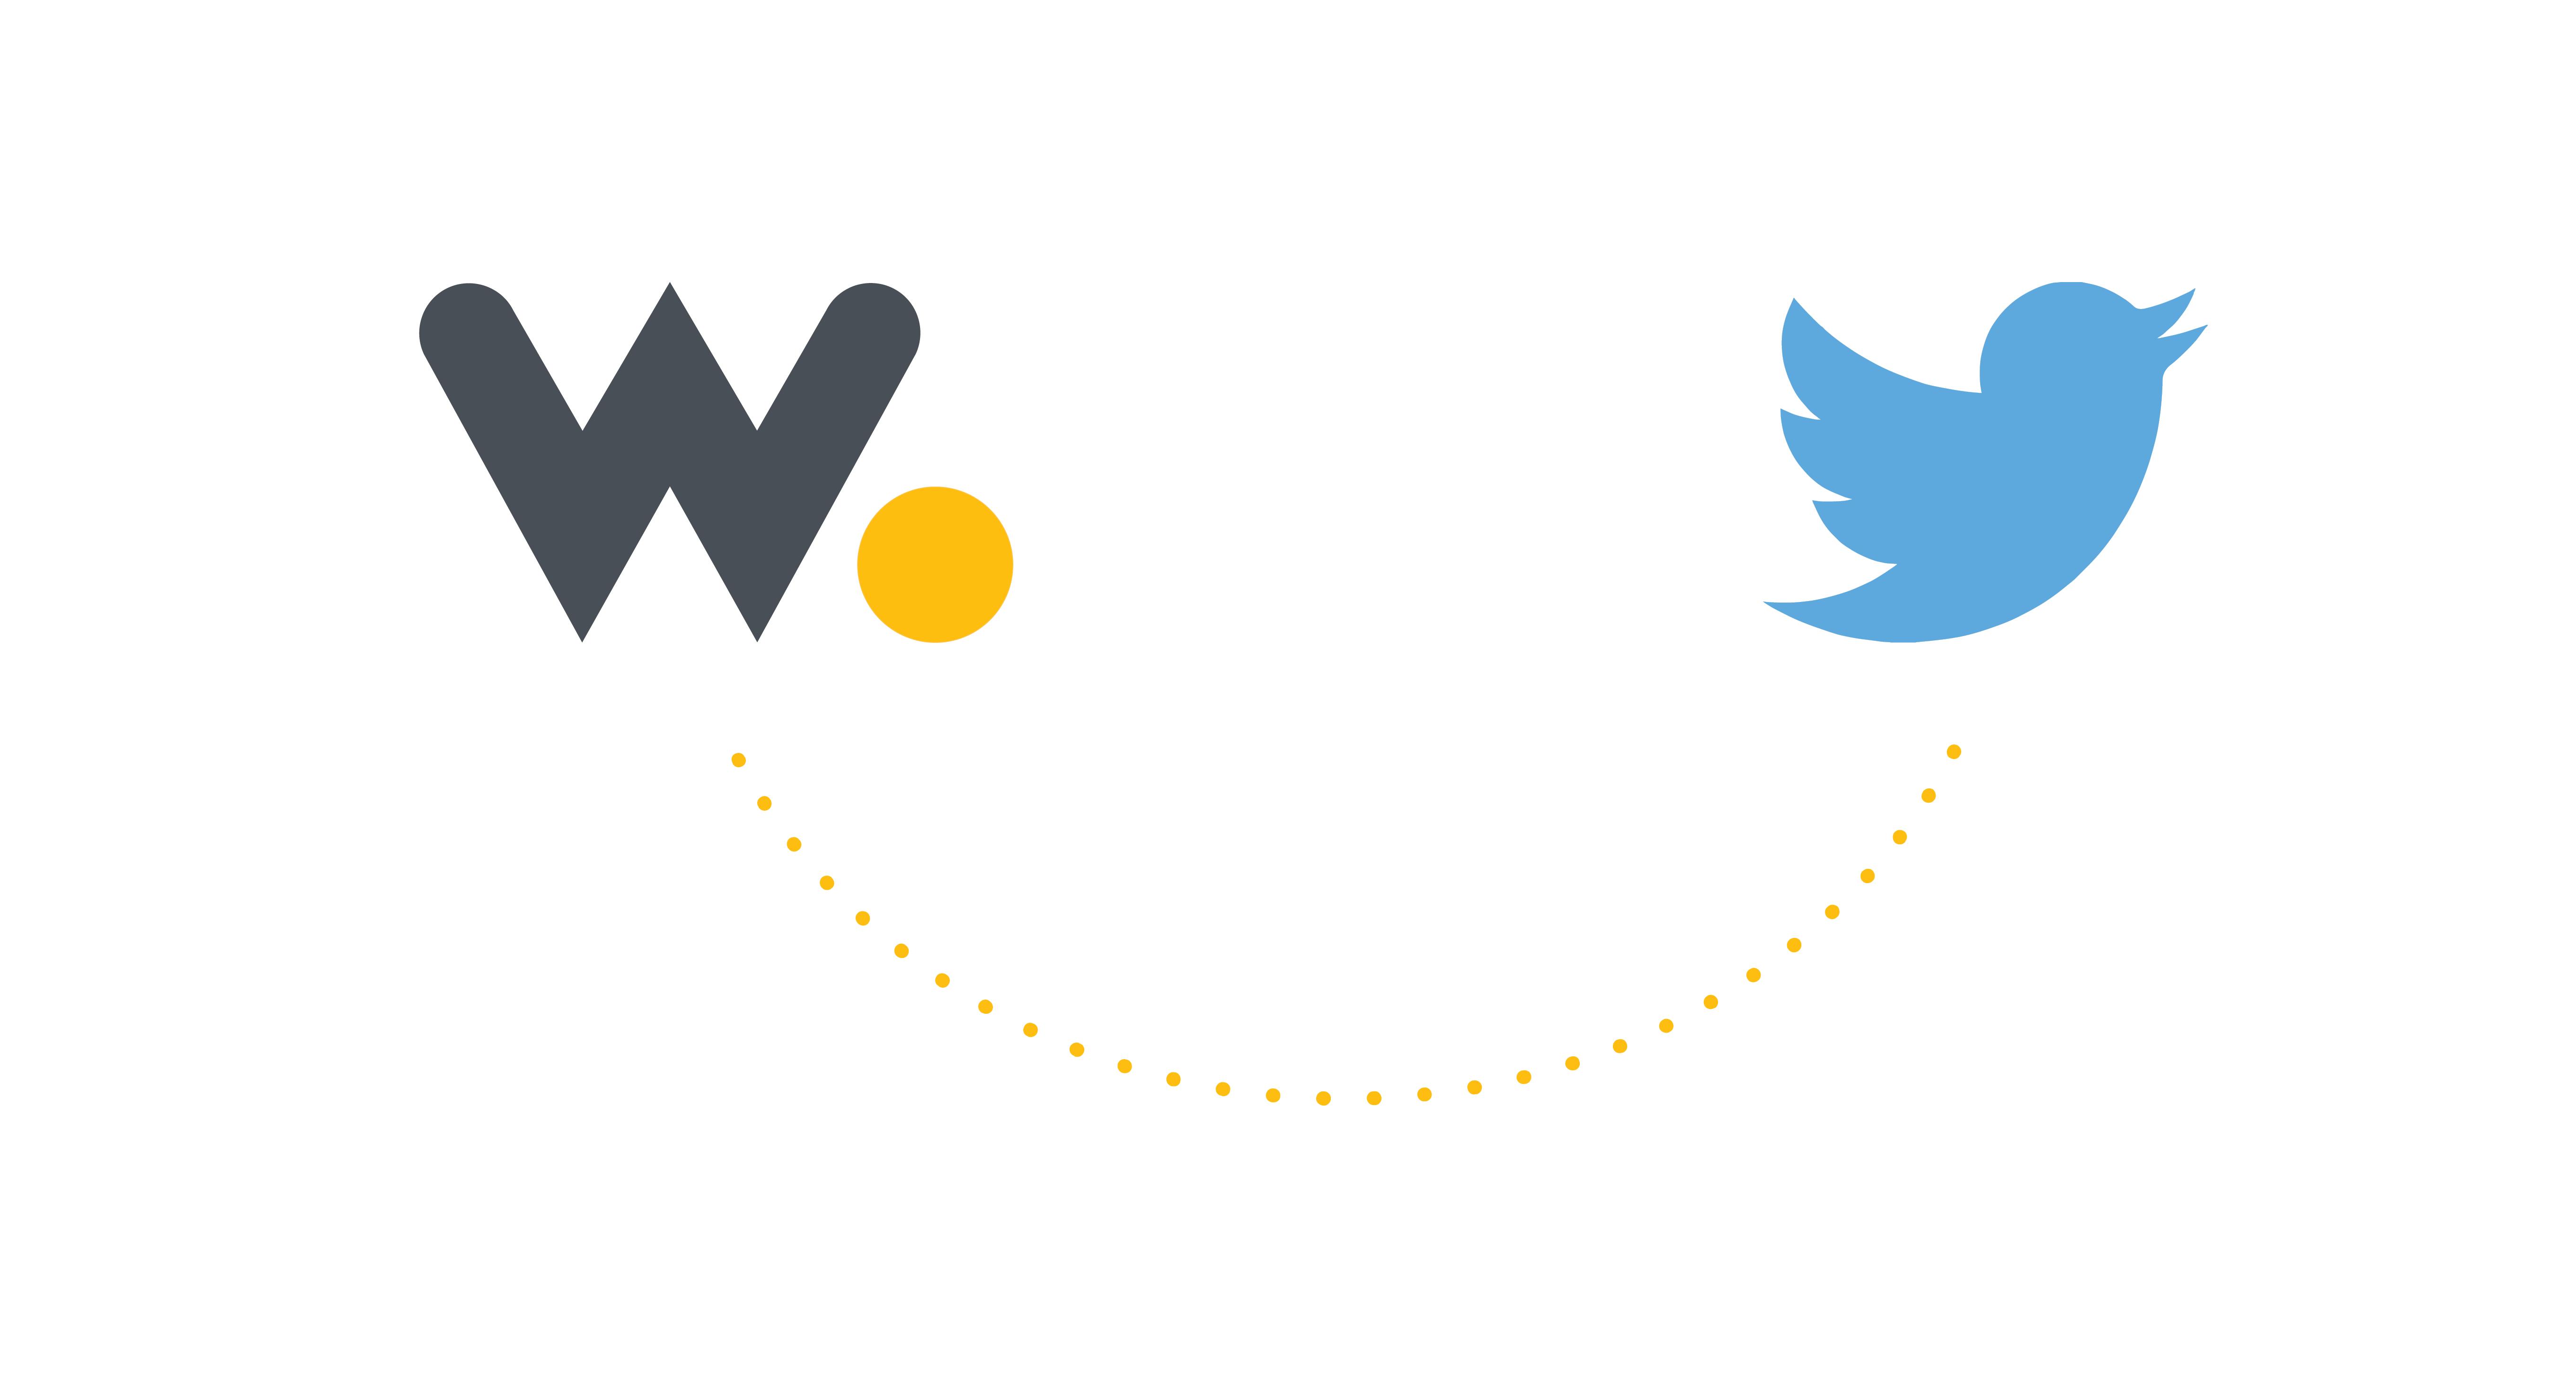 Wia & Twitter